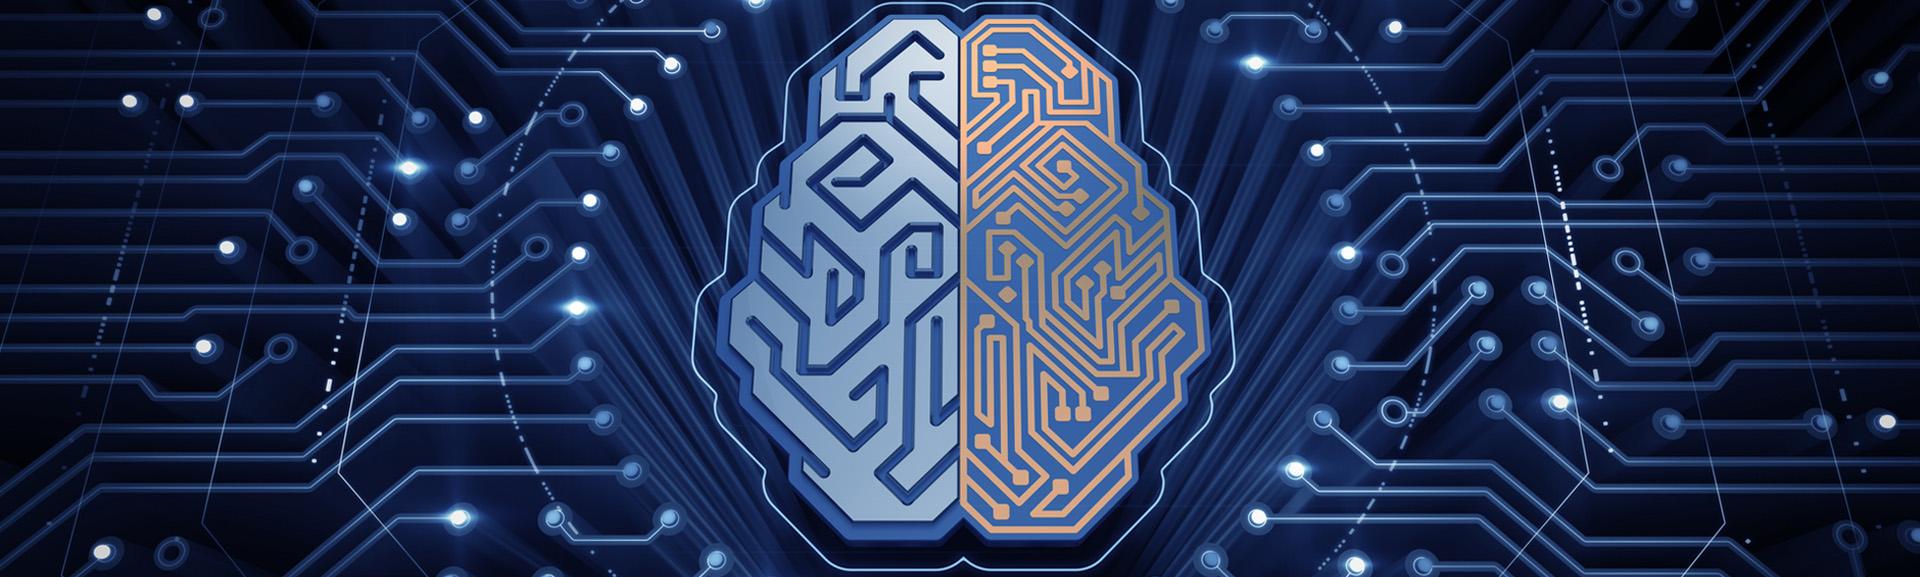 Kriptovaliutos apžvalga ir kaip ją gauti pelno algoritminėje mašininis prekyboje - aragos.lt